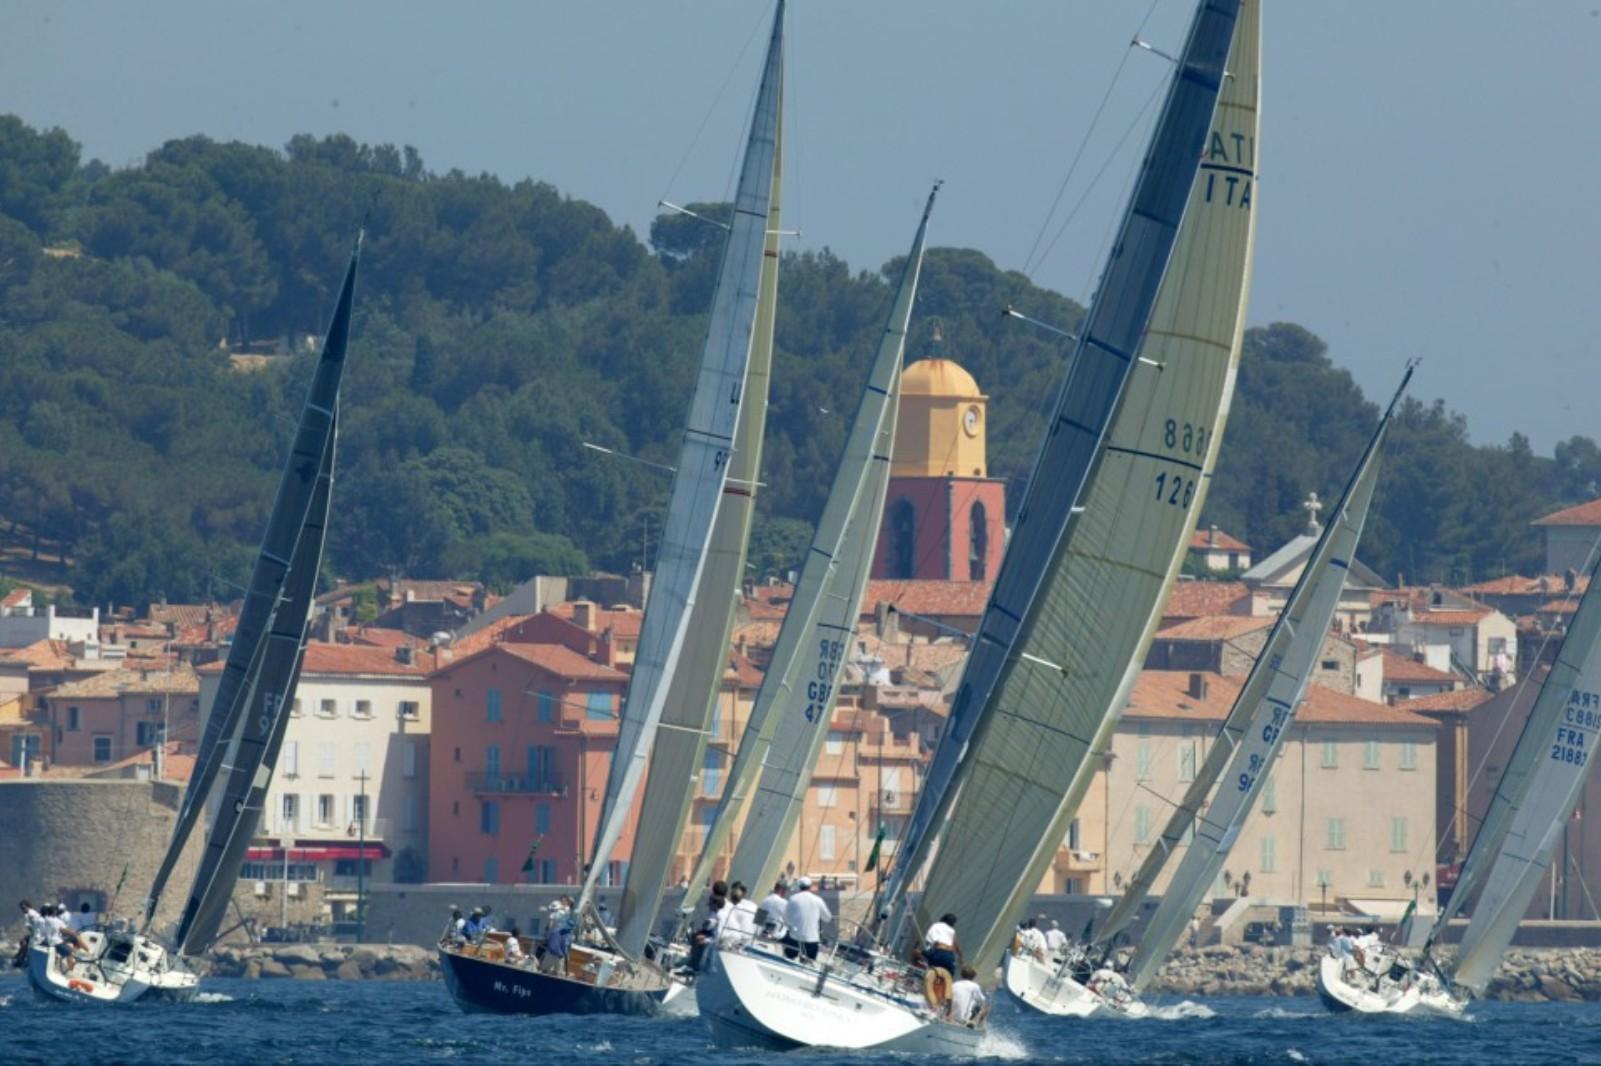 Les Voiles de Saint-Tropez Célèbrent leurs 20 Ans!